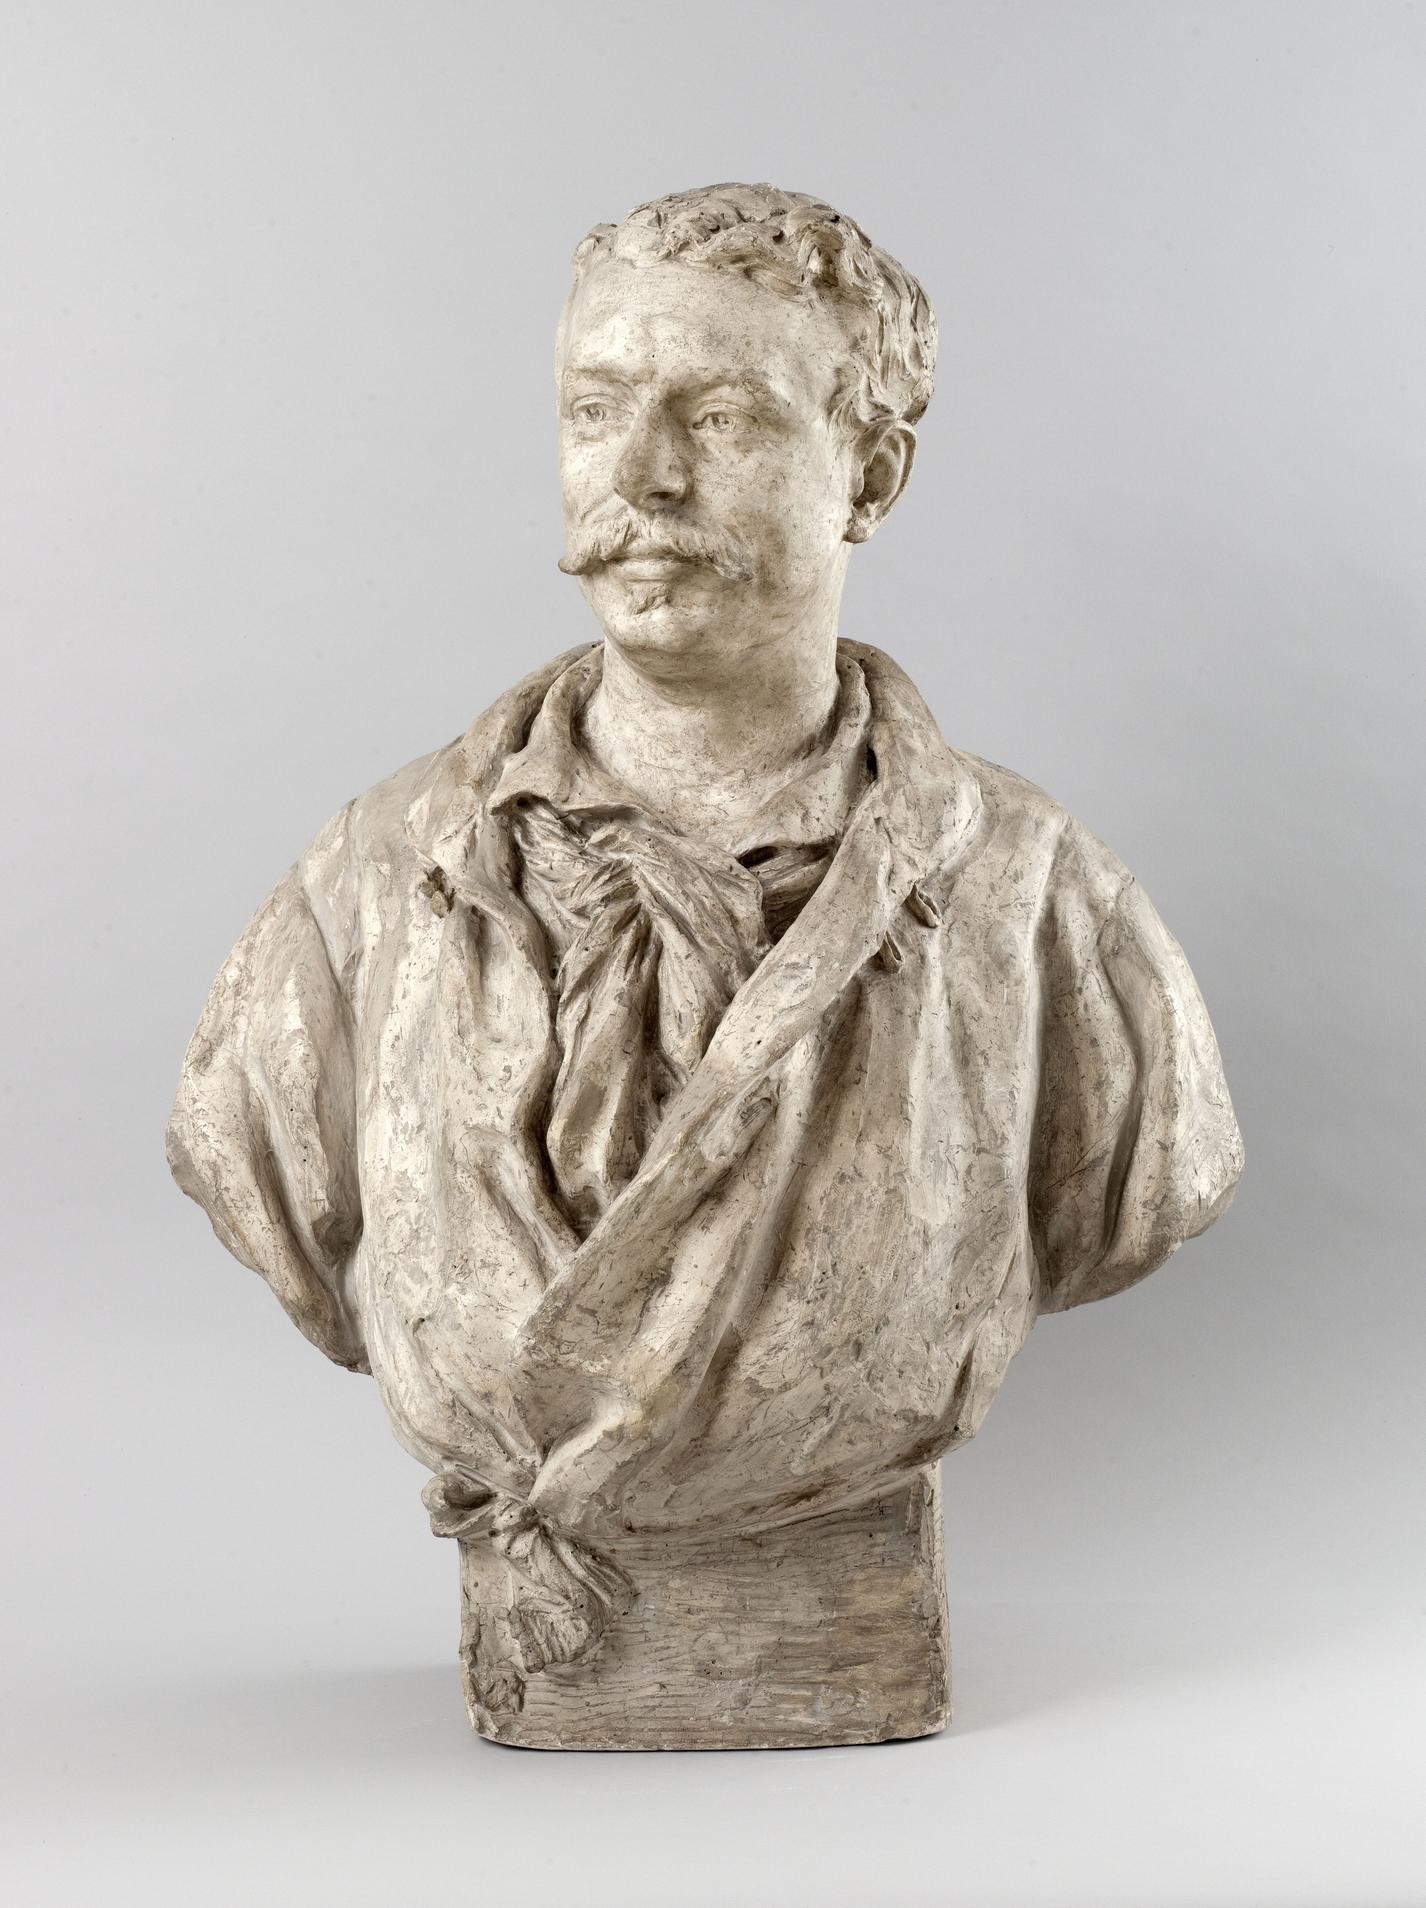 Jean-Baptiste Carpeaux - Buste de Samuel Welles de La Valette